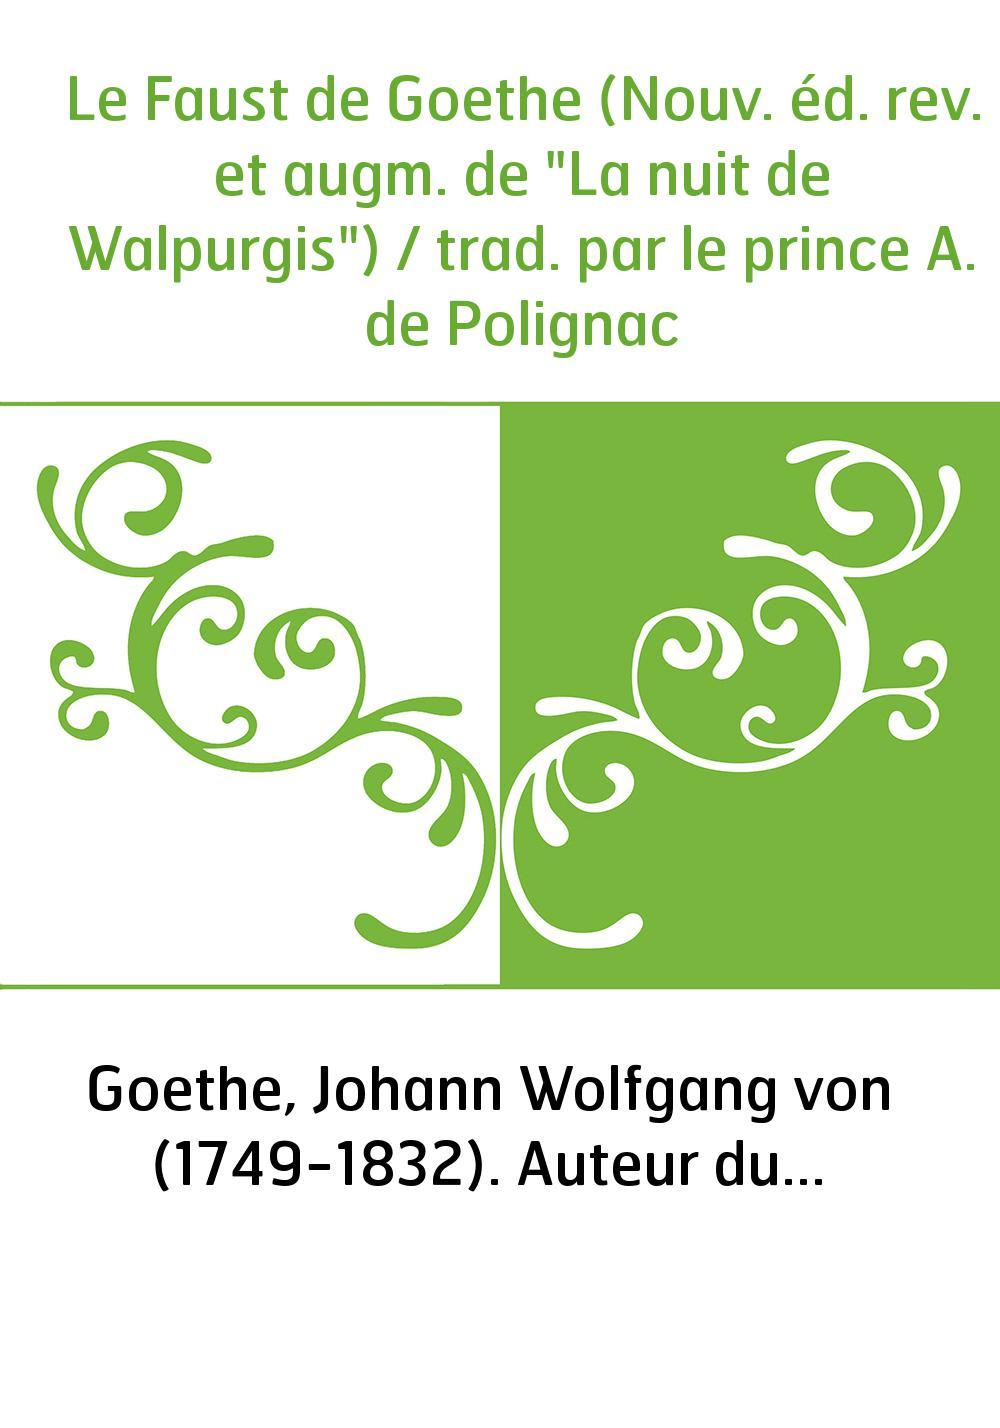 """Le Faust de Goethe (Nouv. éd. rev. et augm. de """"La nuit de Walpurgis"""") / trad. par le prince A. de Polignac"""